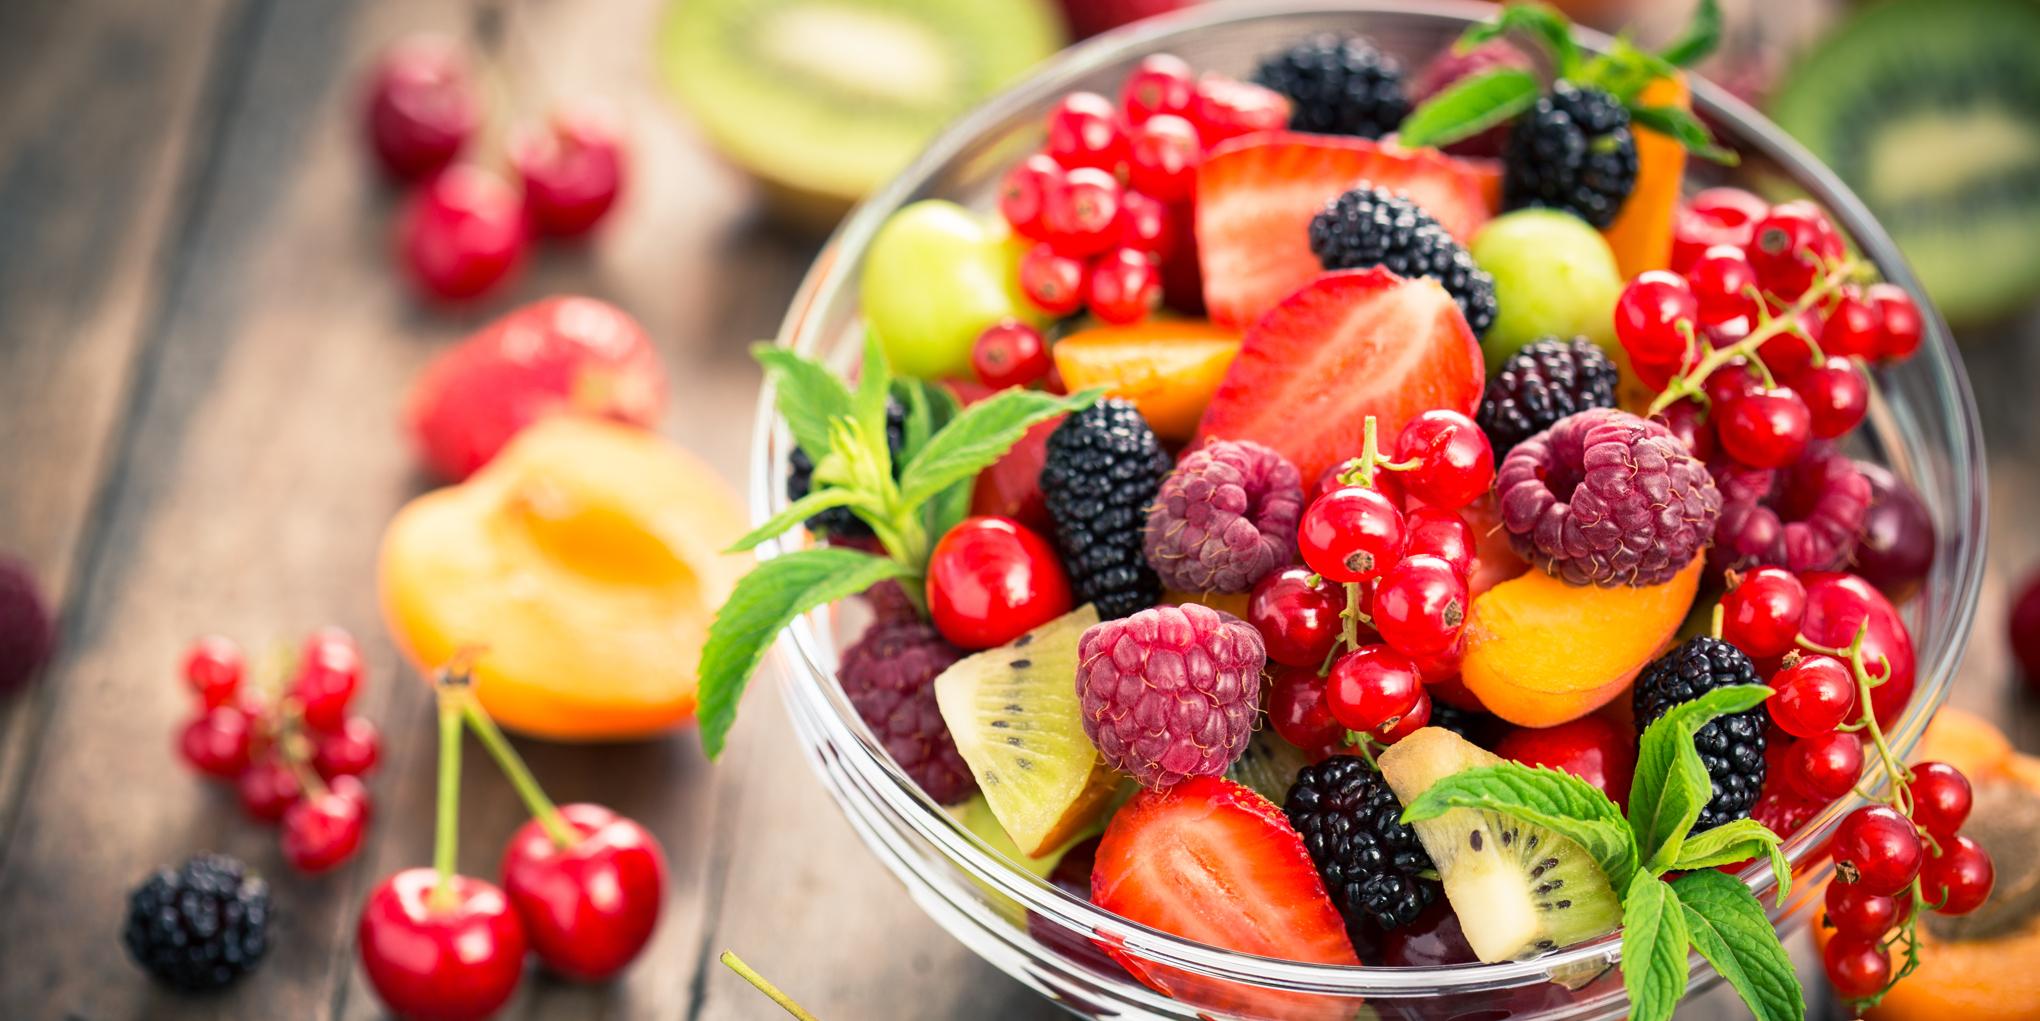 Φρούτα - το πρωινό που πρέπει να γίνει συνήθεια